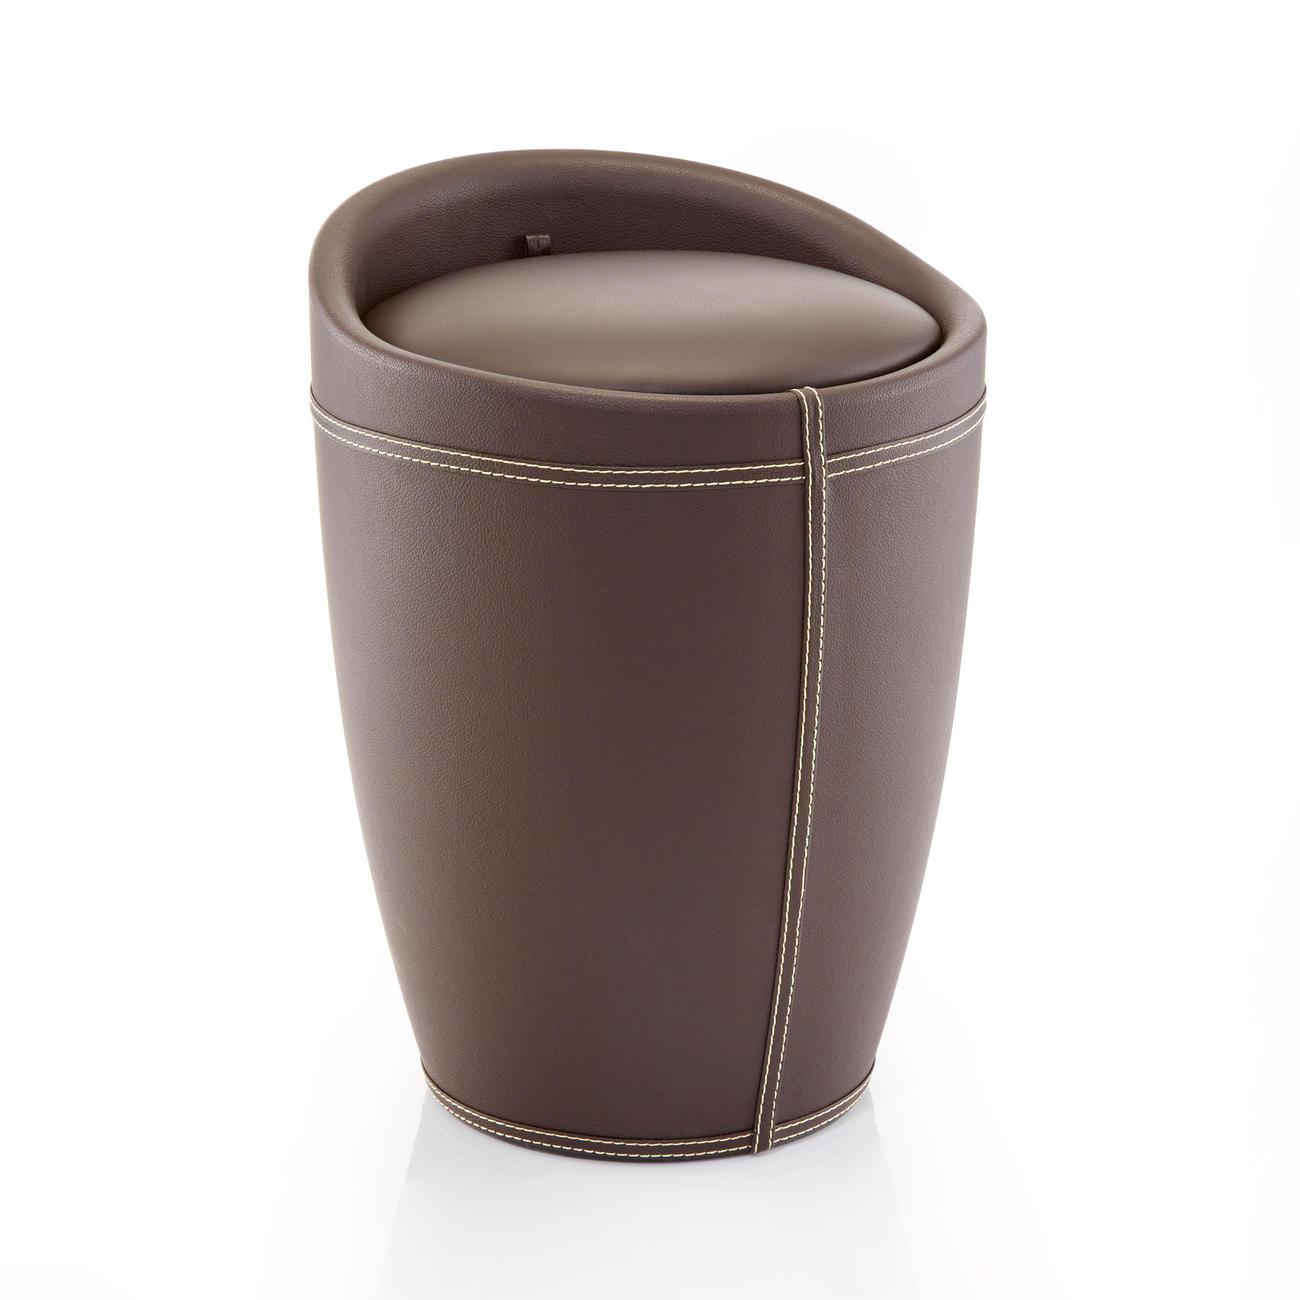 wenko badhocker w schehocker candy leder optik schwarz 50 5 cm h 36 cm durchmesser. Black Bedroom Furniture Sets. Home Design Ideas